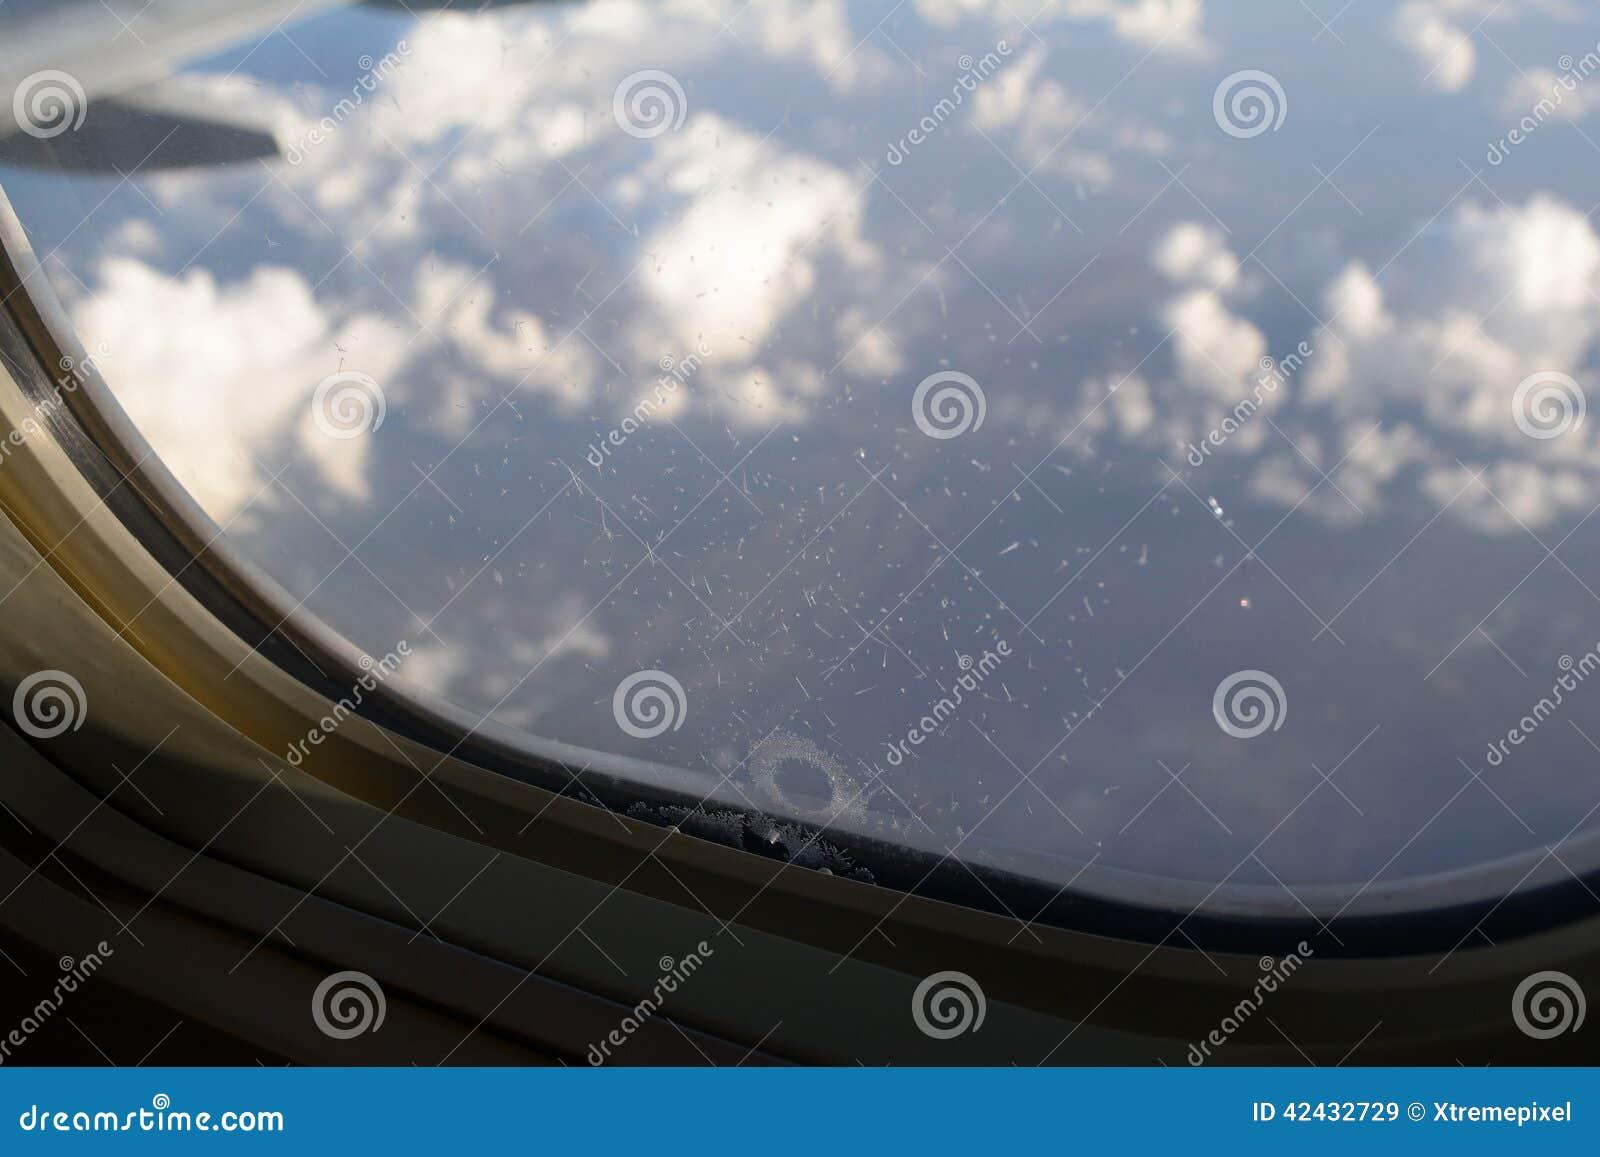 Hielo que forma en una ventana de los aviones